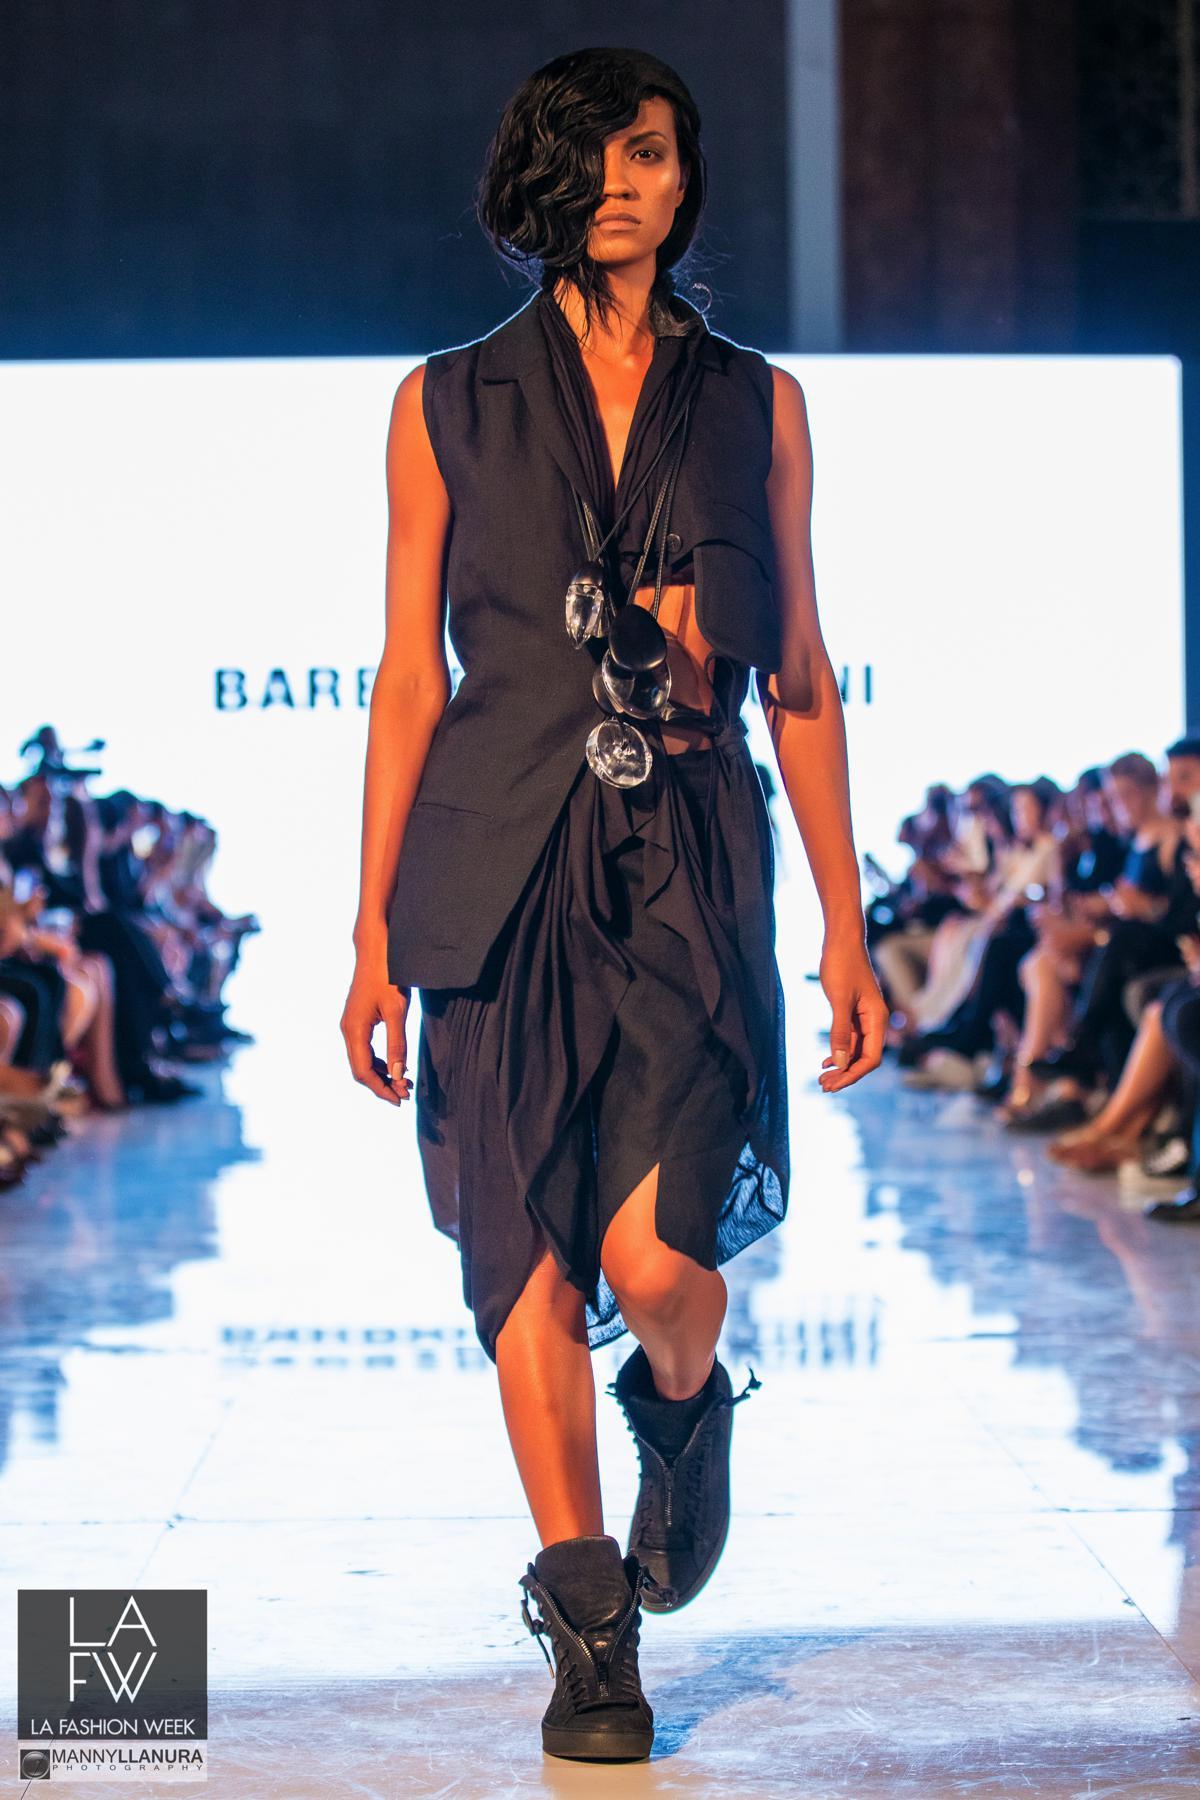 LAFW Barbara Gongini